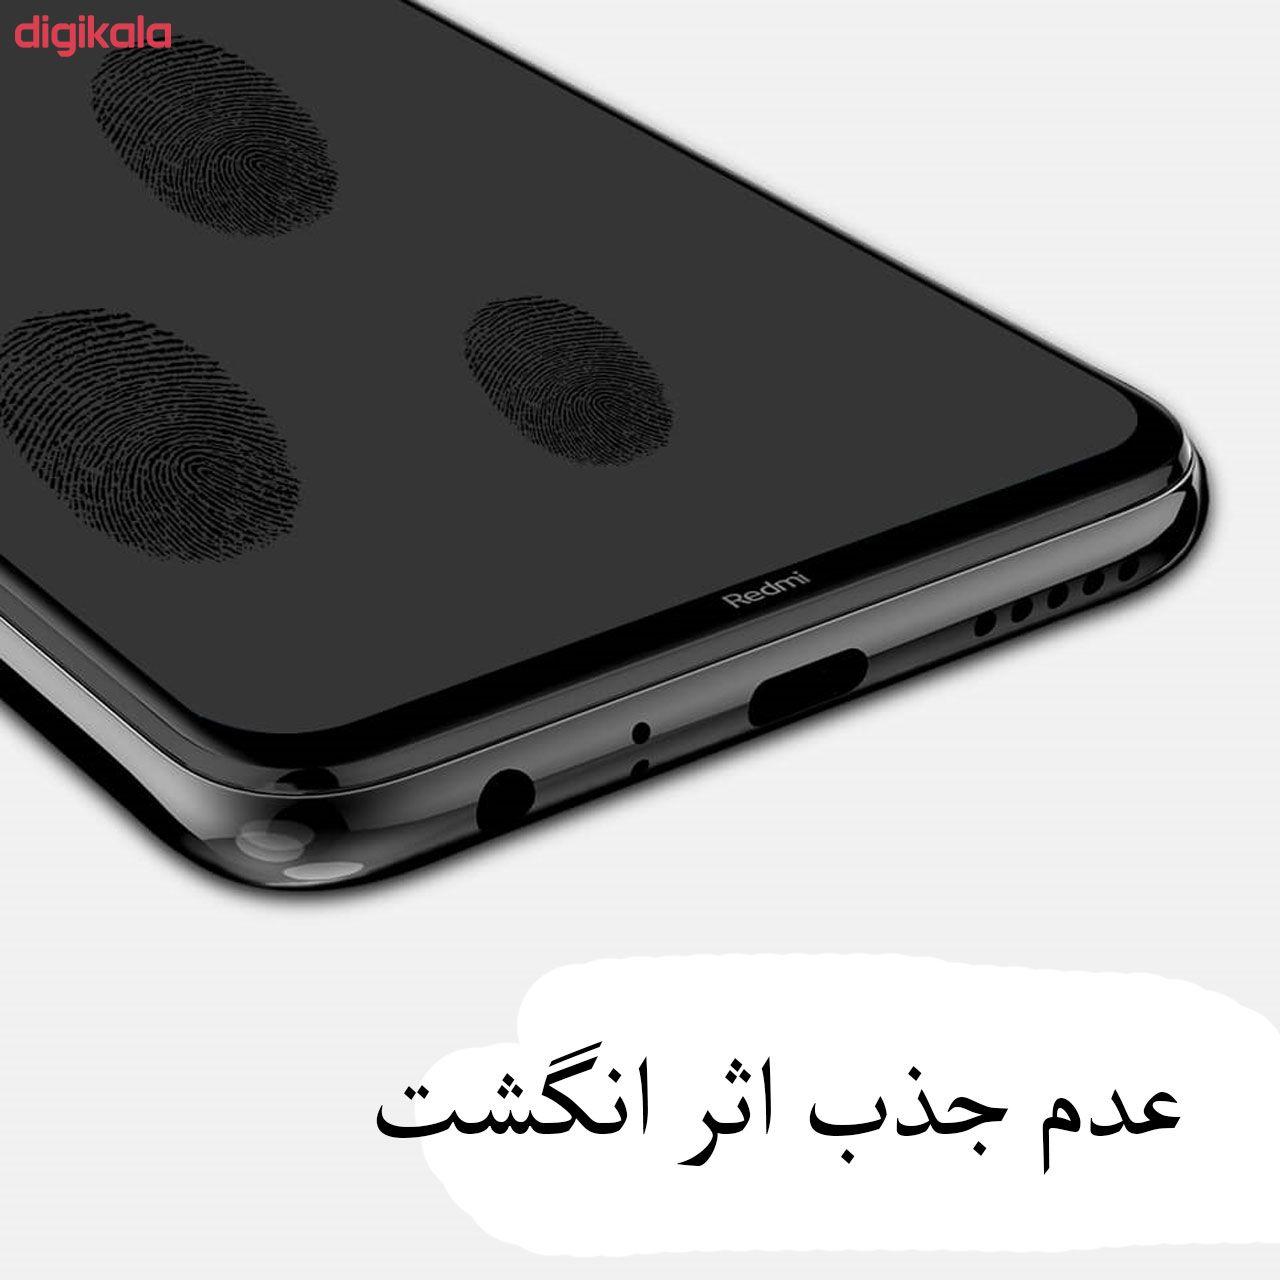 محافظ صفحه نمایش مدل FCG مناسب برای گوشی موبایل شیائومی Redmi Note 8 main 1 8